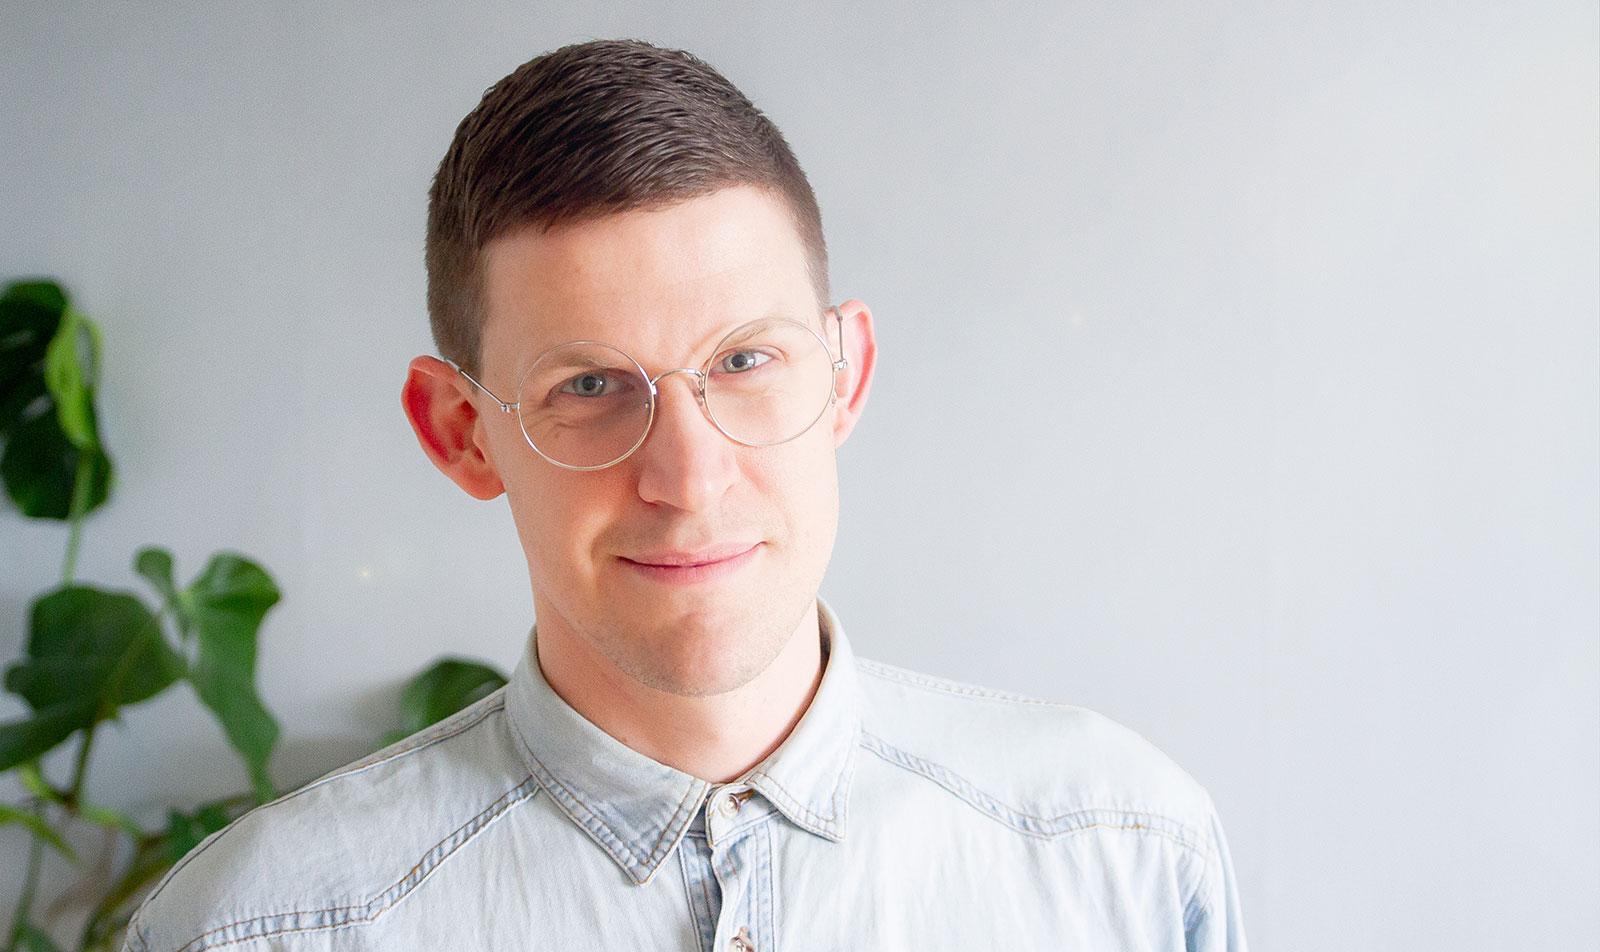 """Kalle Norwald är sexolog och terapeut. Han är även en av experterna i SVT:s succéserie """"Gift vid första ögonkastet"""""""